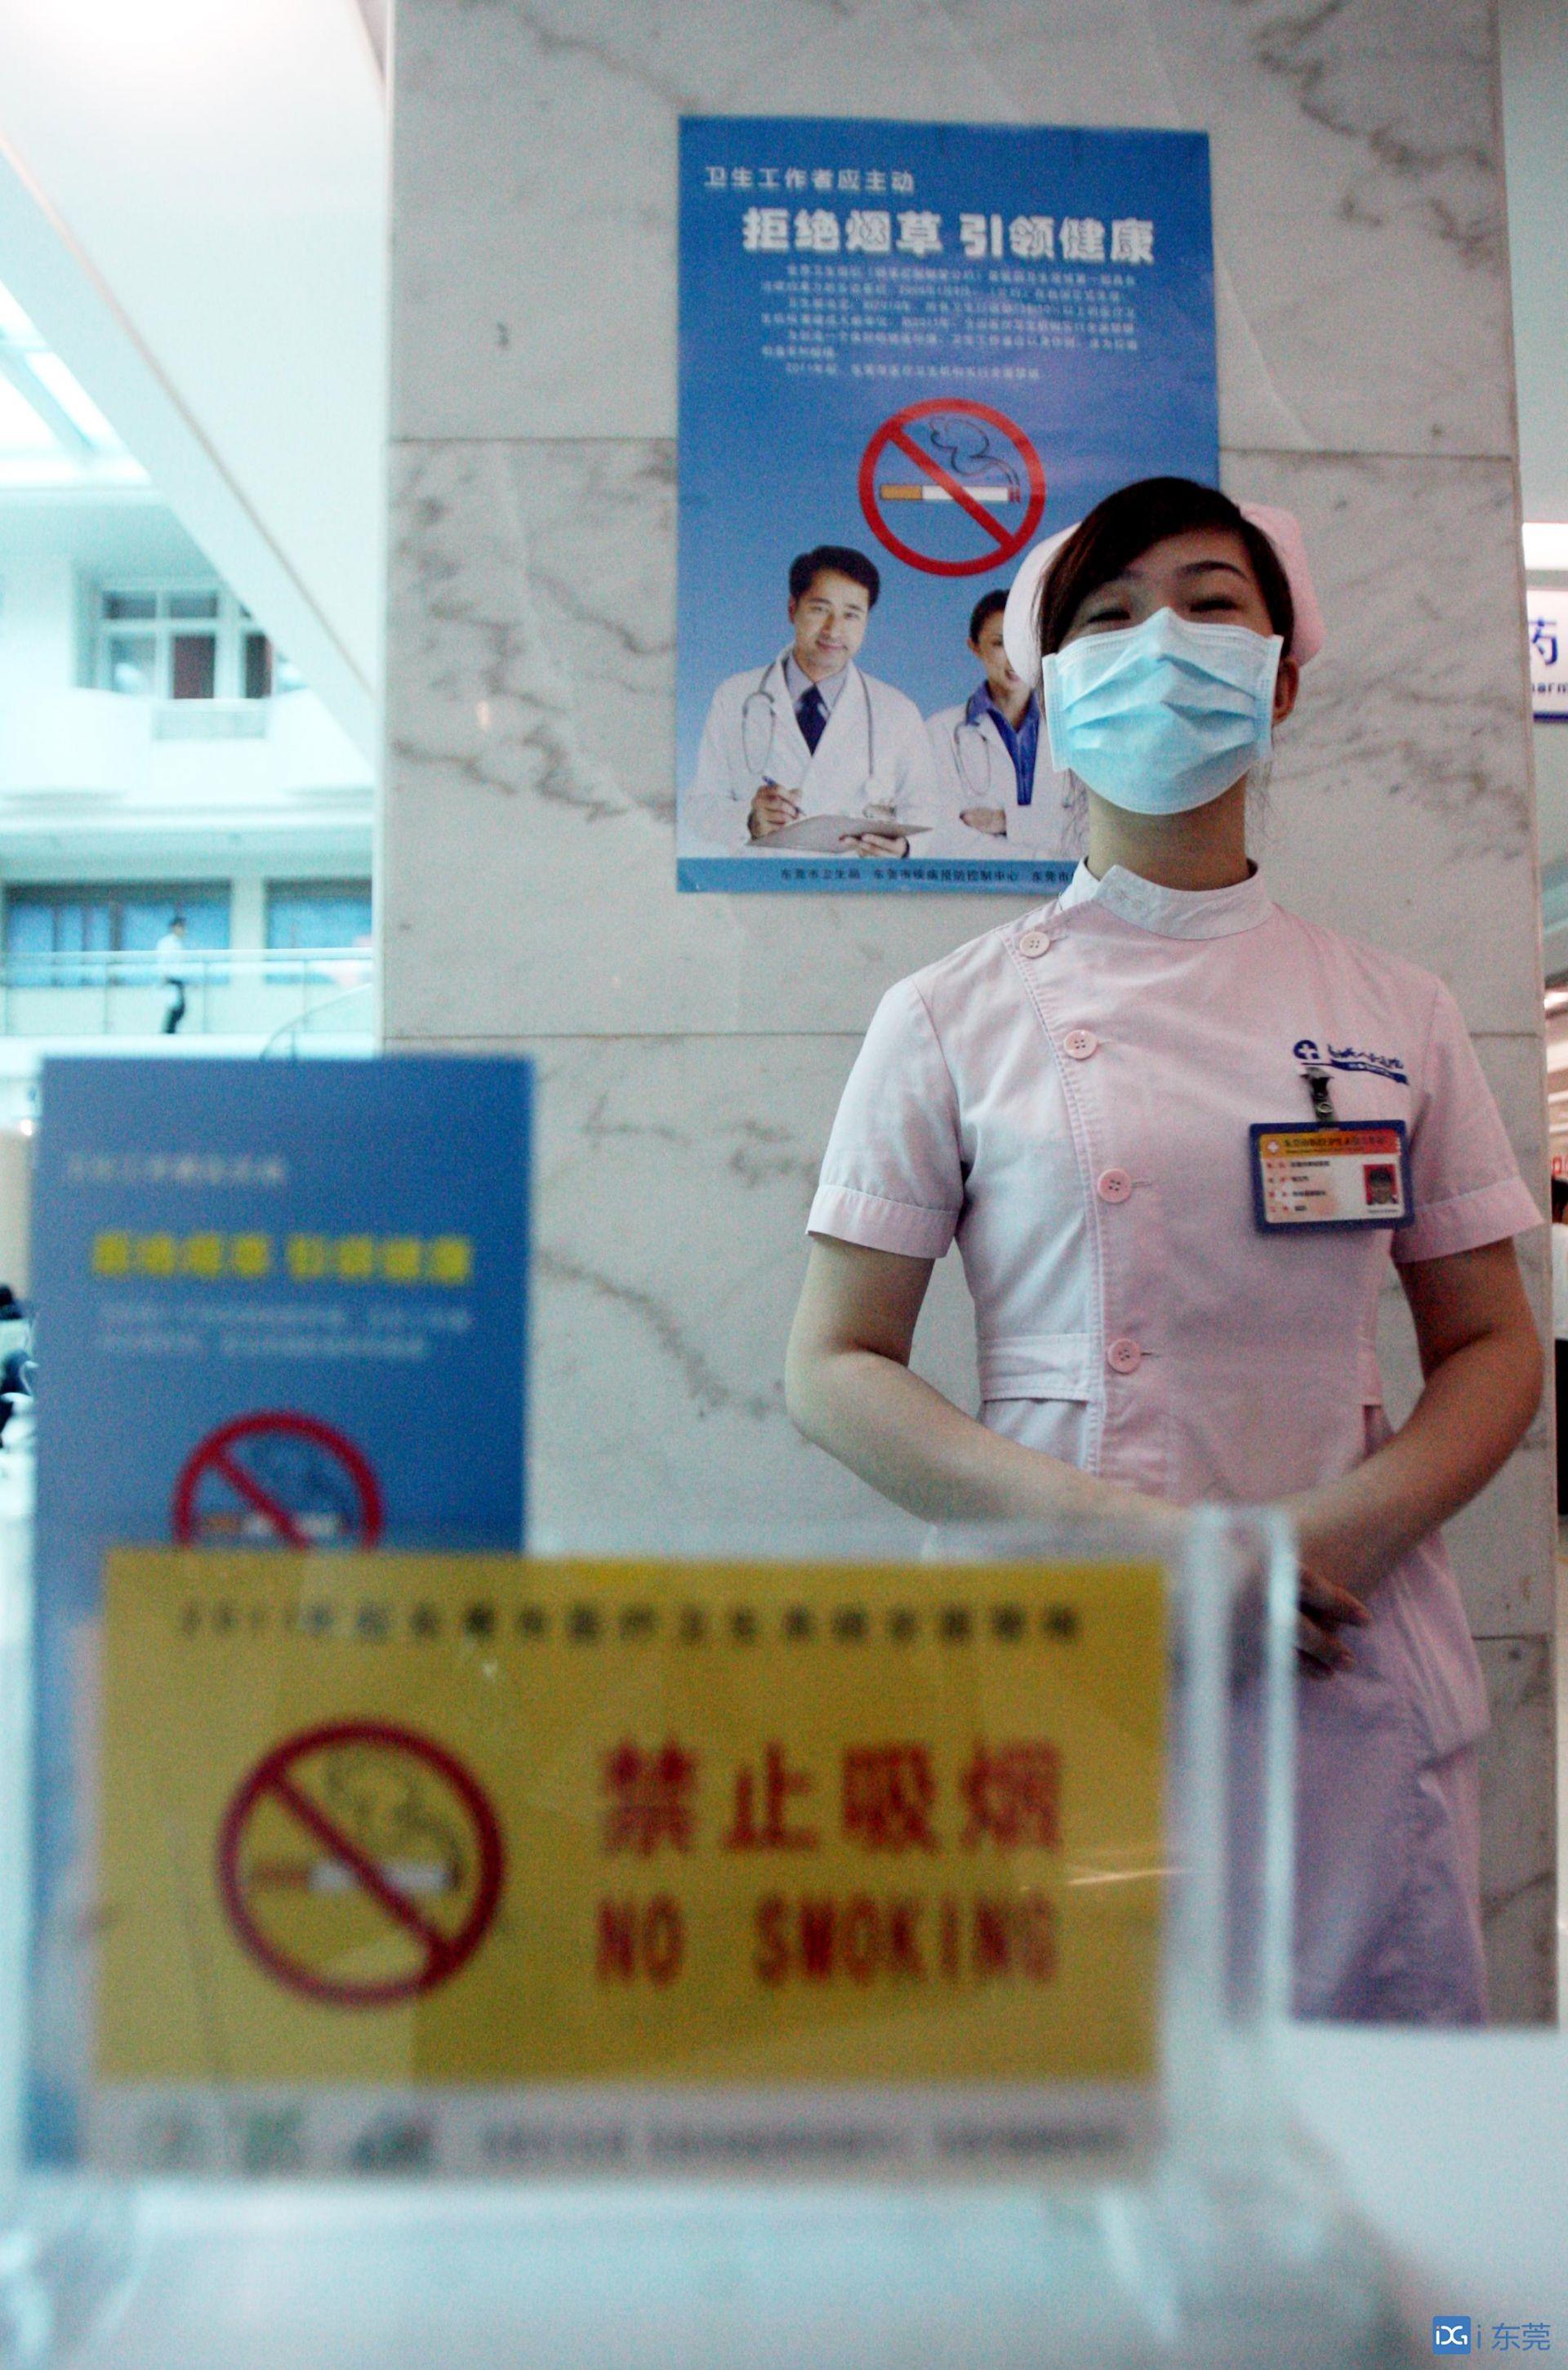 全民齐参与 争创五连冠⑧|告别公共场所吸烟行为 积极打造健康无烟环境